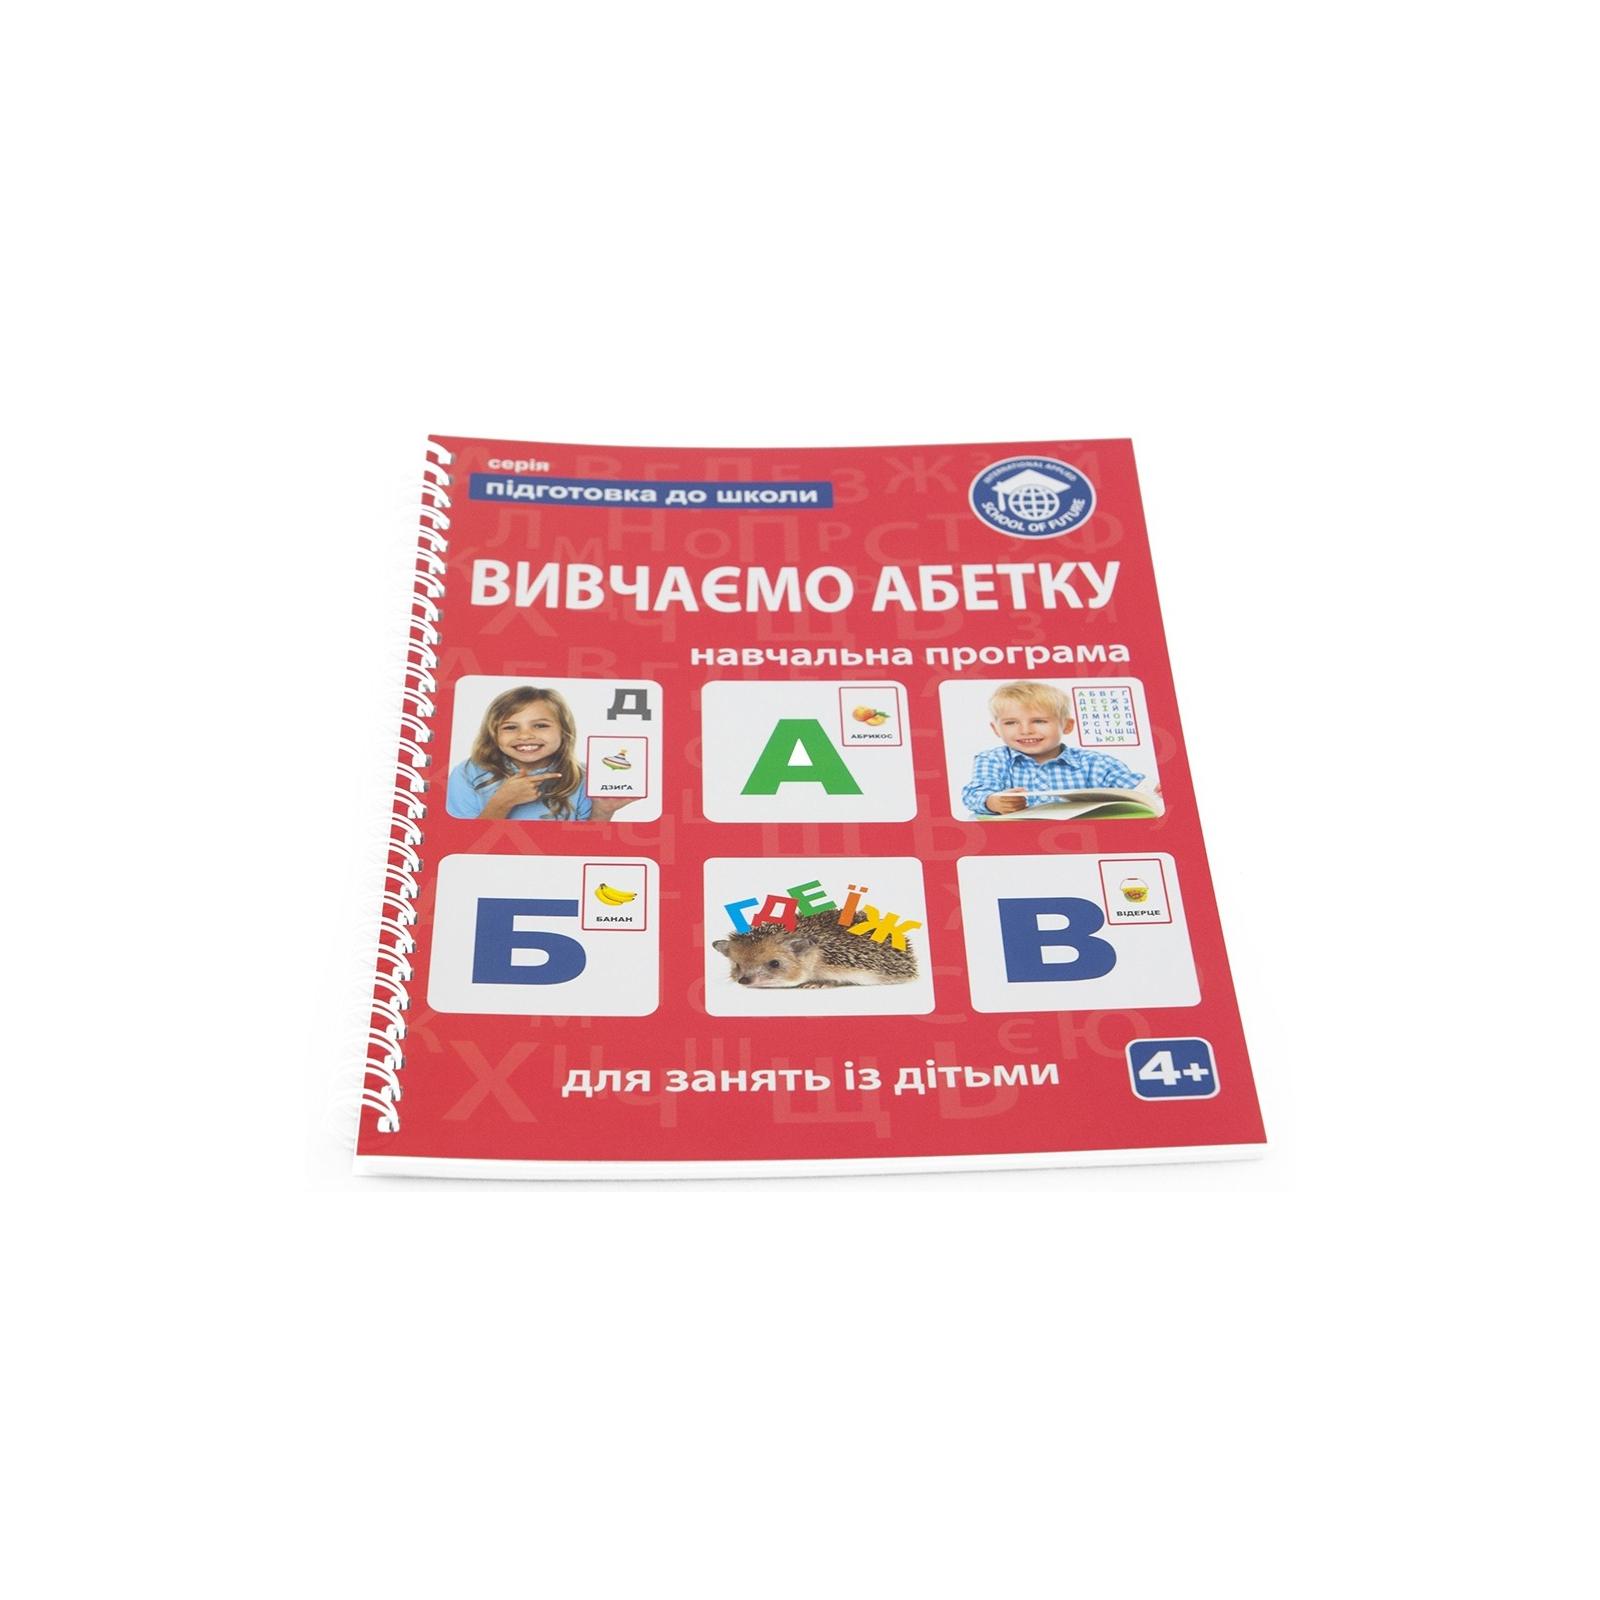 Навчальний набір Школа будущего Підготовка до школи - Вивчаємо абетку (80103) зображення 4